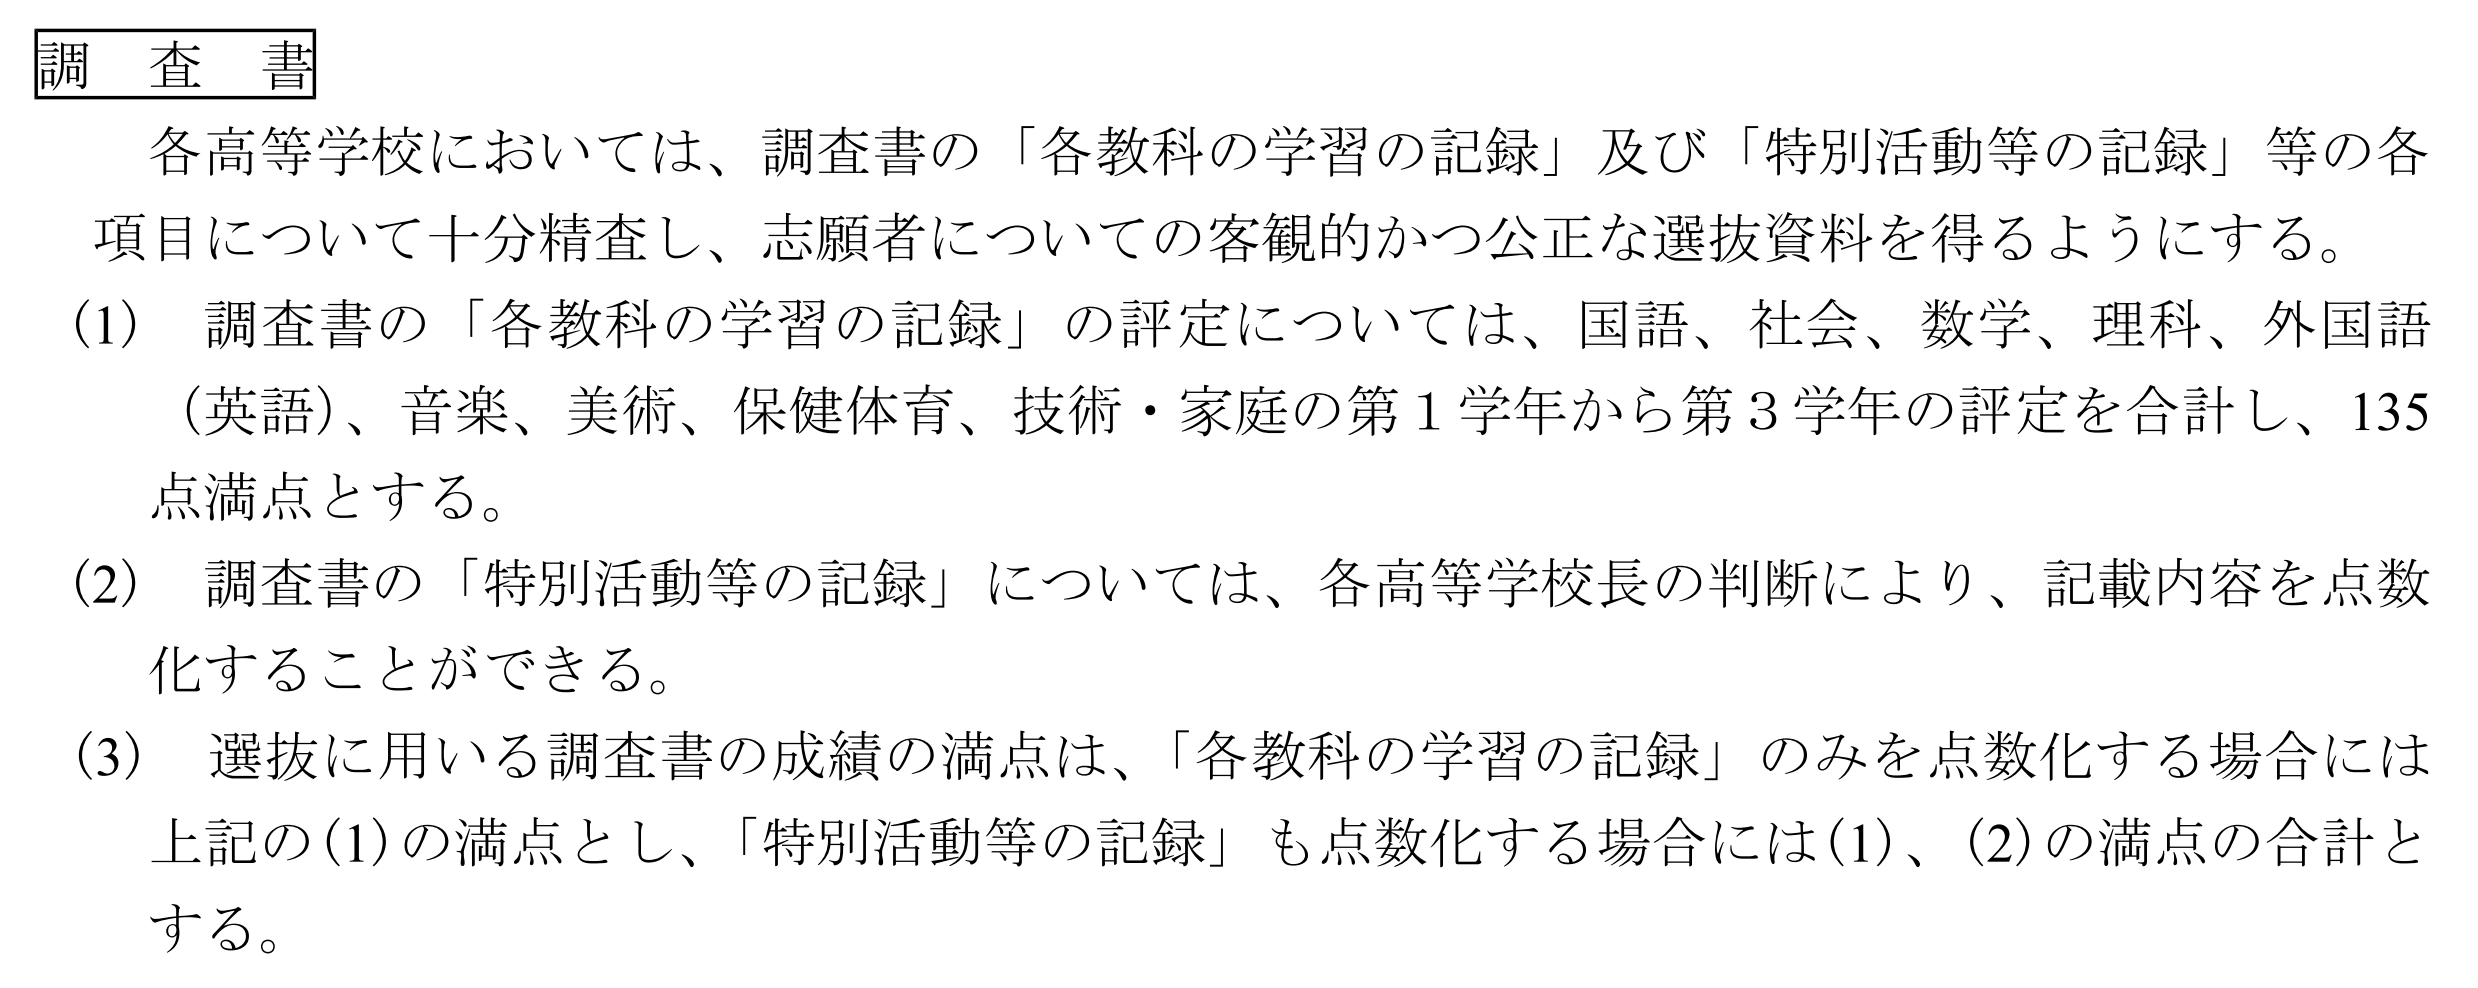 福島県公立高校入試制度1